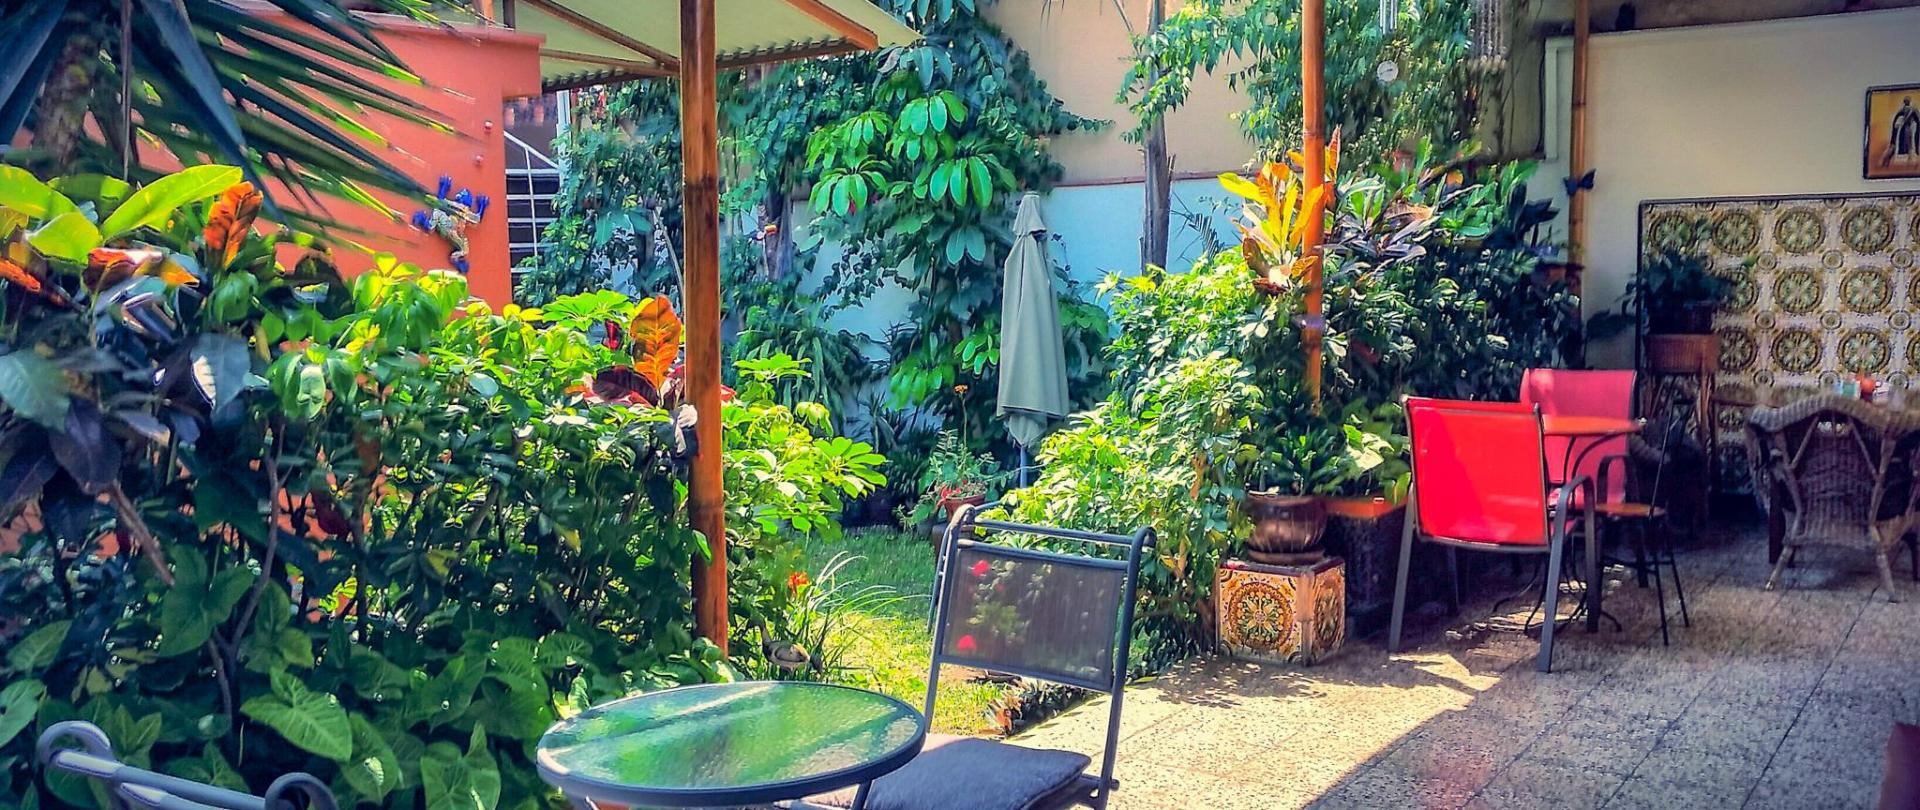 hotel garden miraflores.jpg